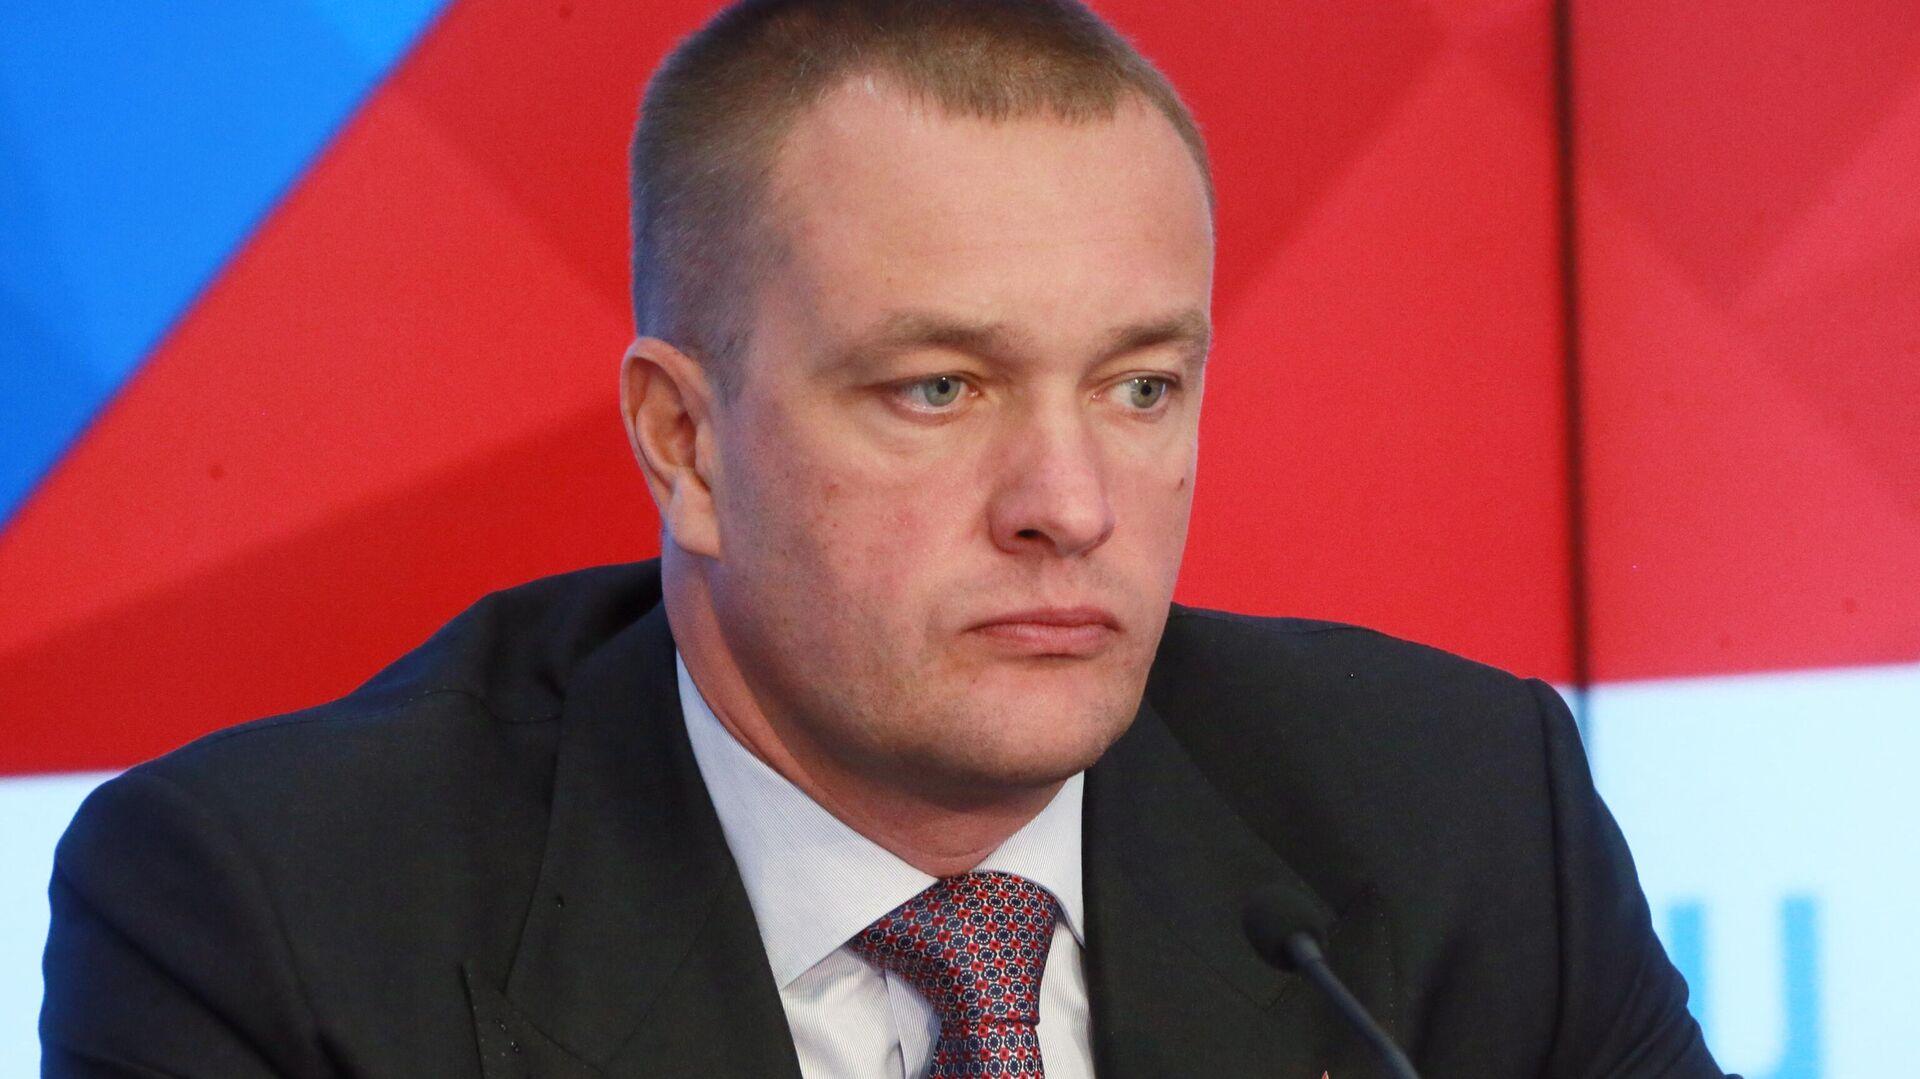 Президент и генеральный директор БК ЦСКА Андрей Ватутин - РИА Новости, 1920, 19.01.2021